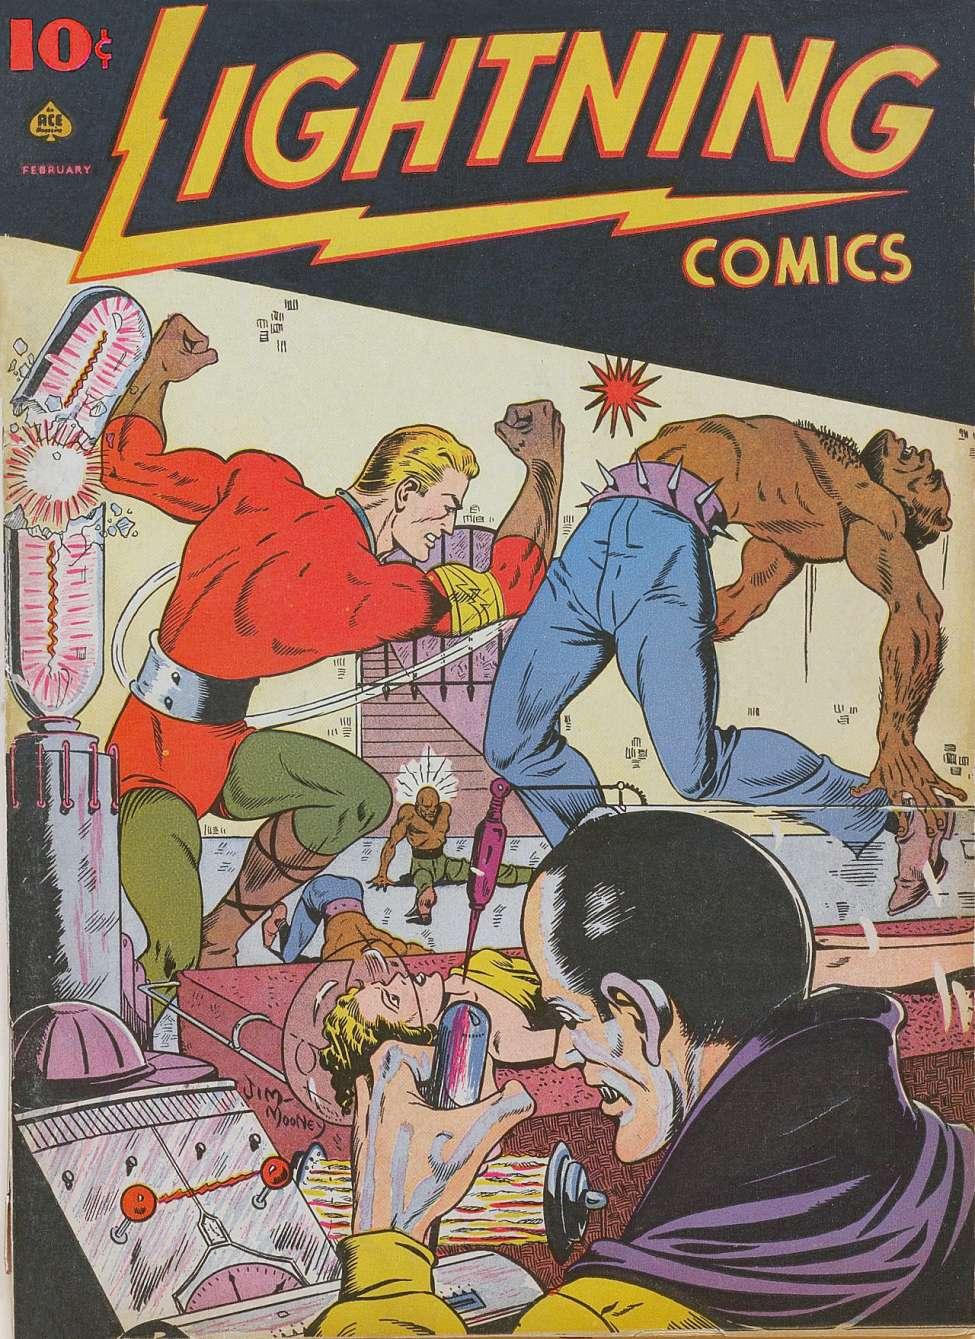 Comic Book Cover For Lightning Comics v2 #5